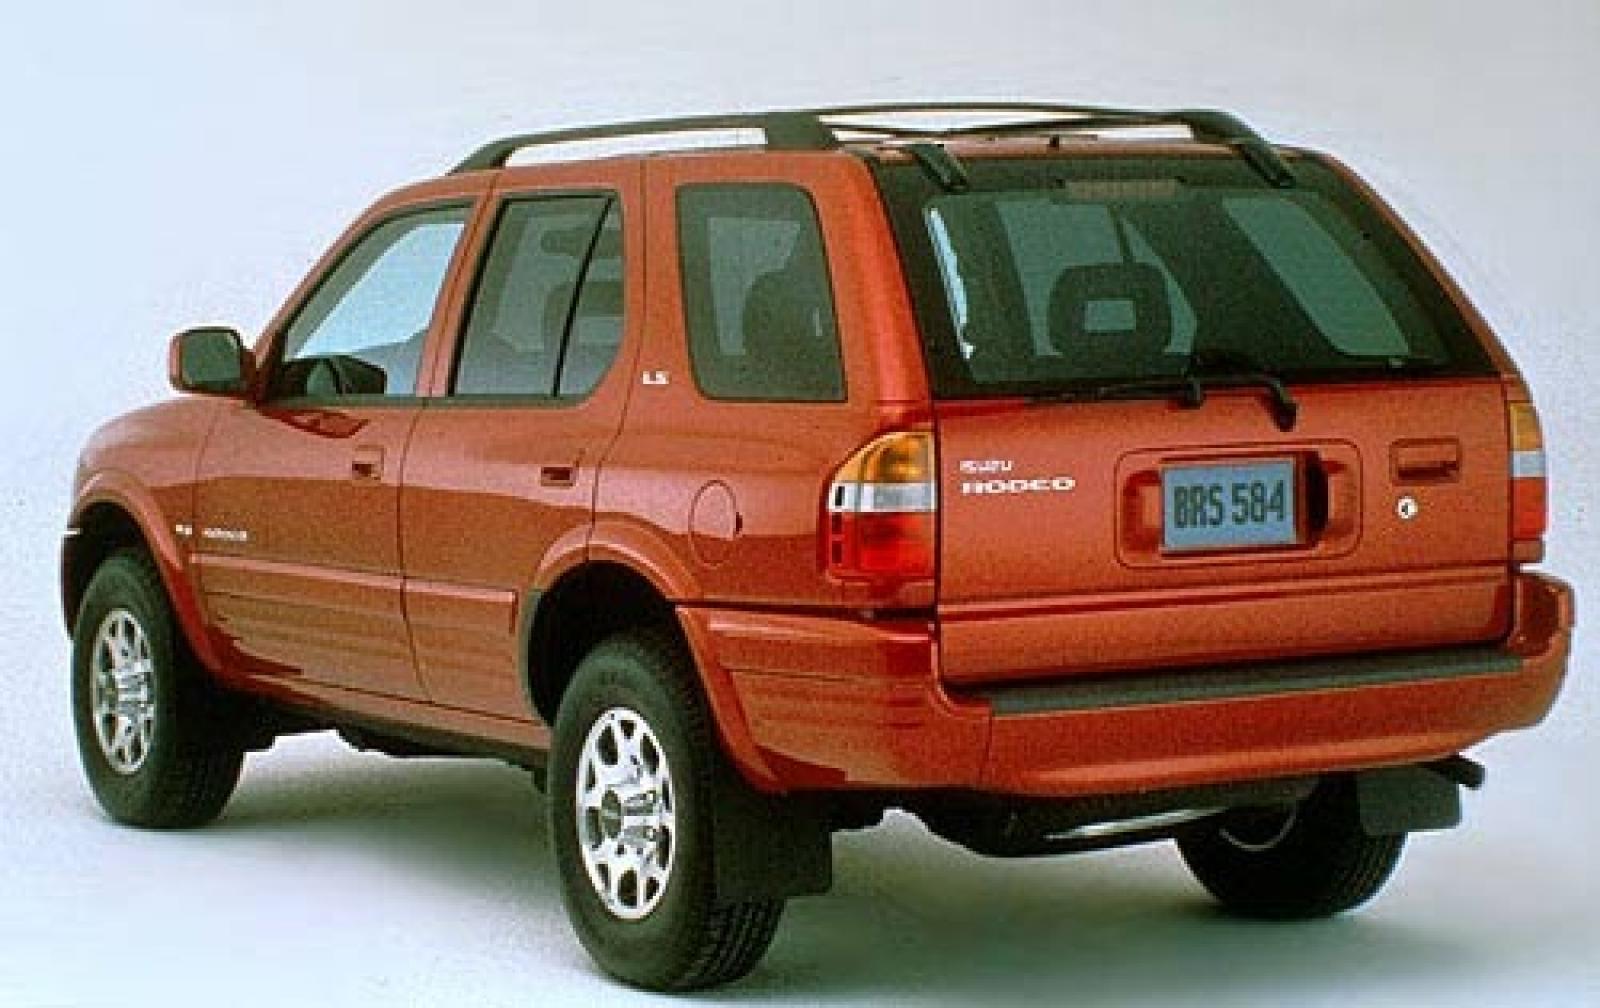 Isuzu Rodeo II 1998 - 2004 SUV 5 door #2